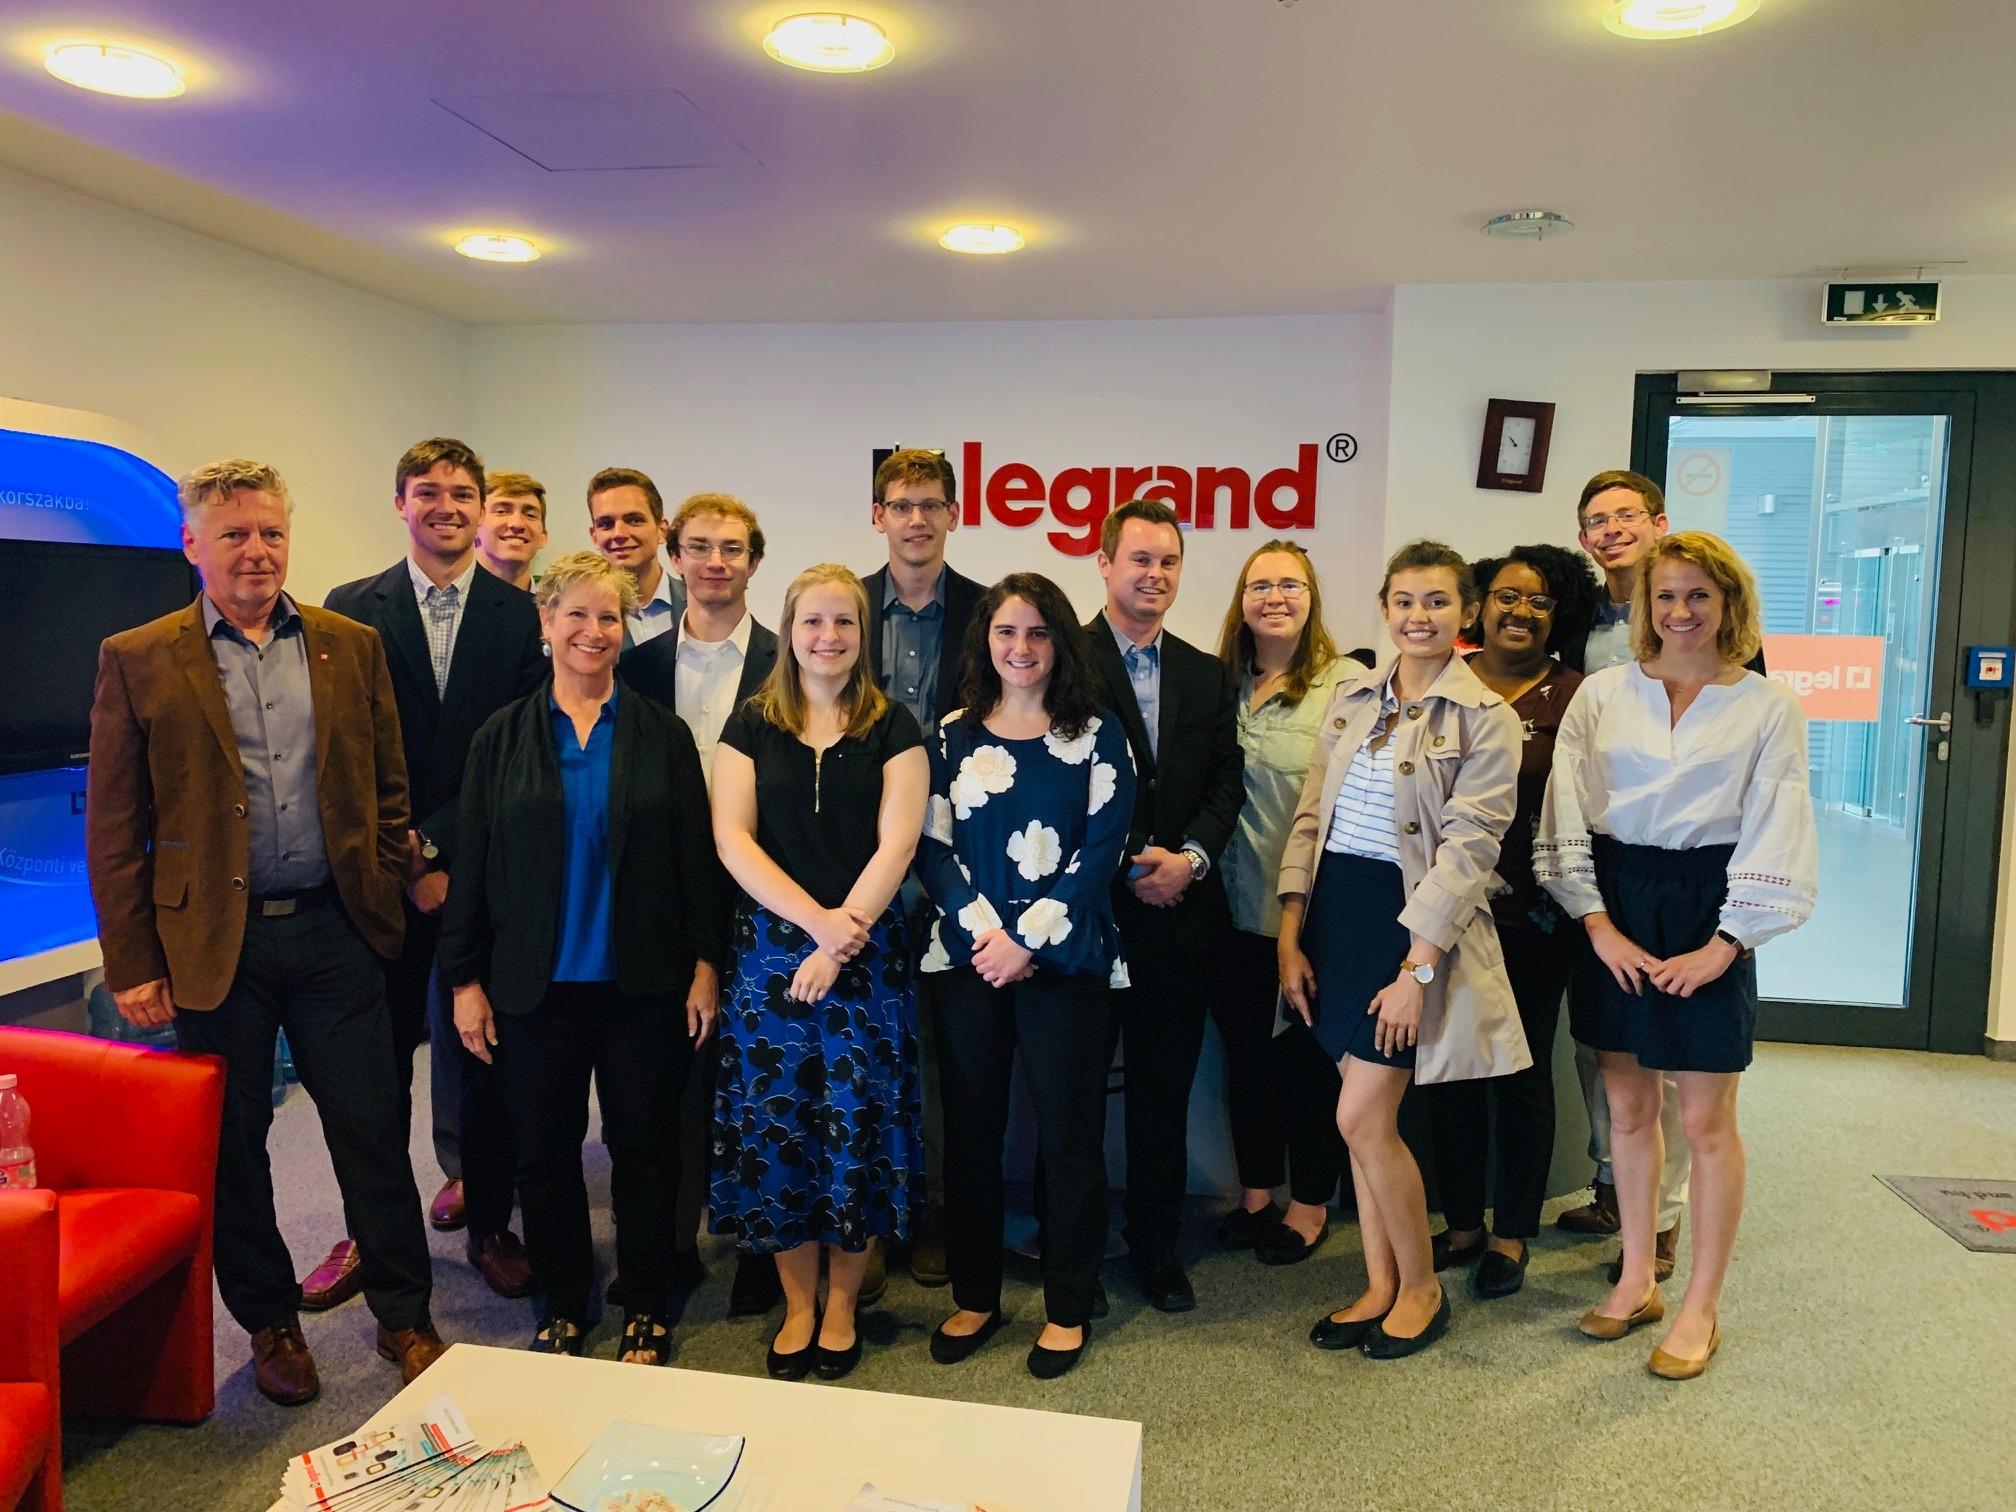 Amerikai mérnök-MBA diákok jártak tanulmányúton a Legrandnál